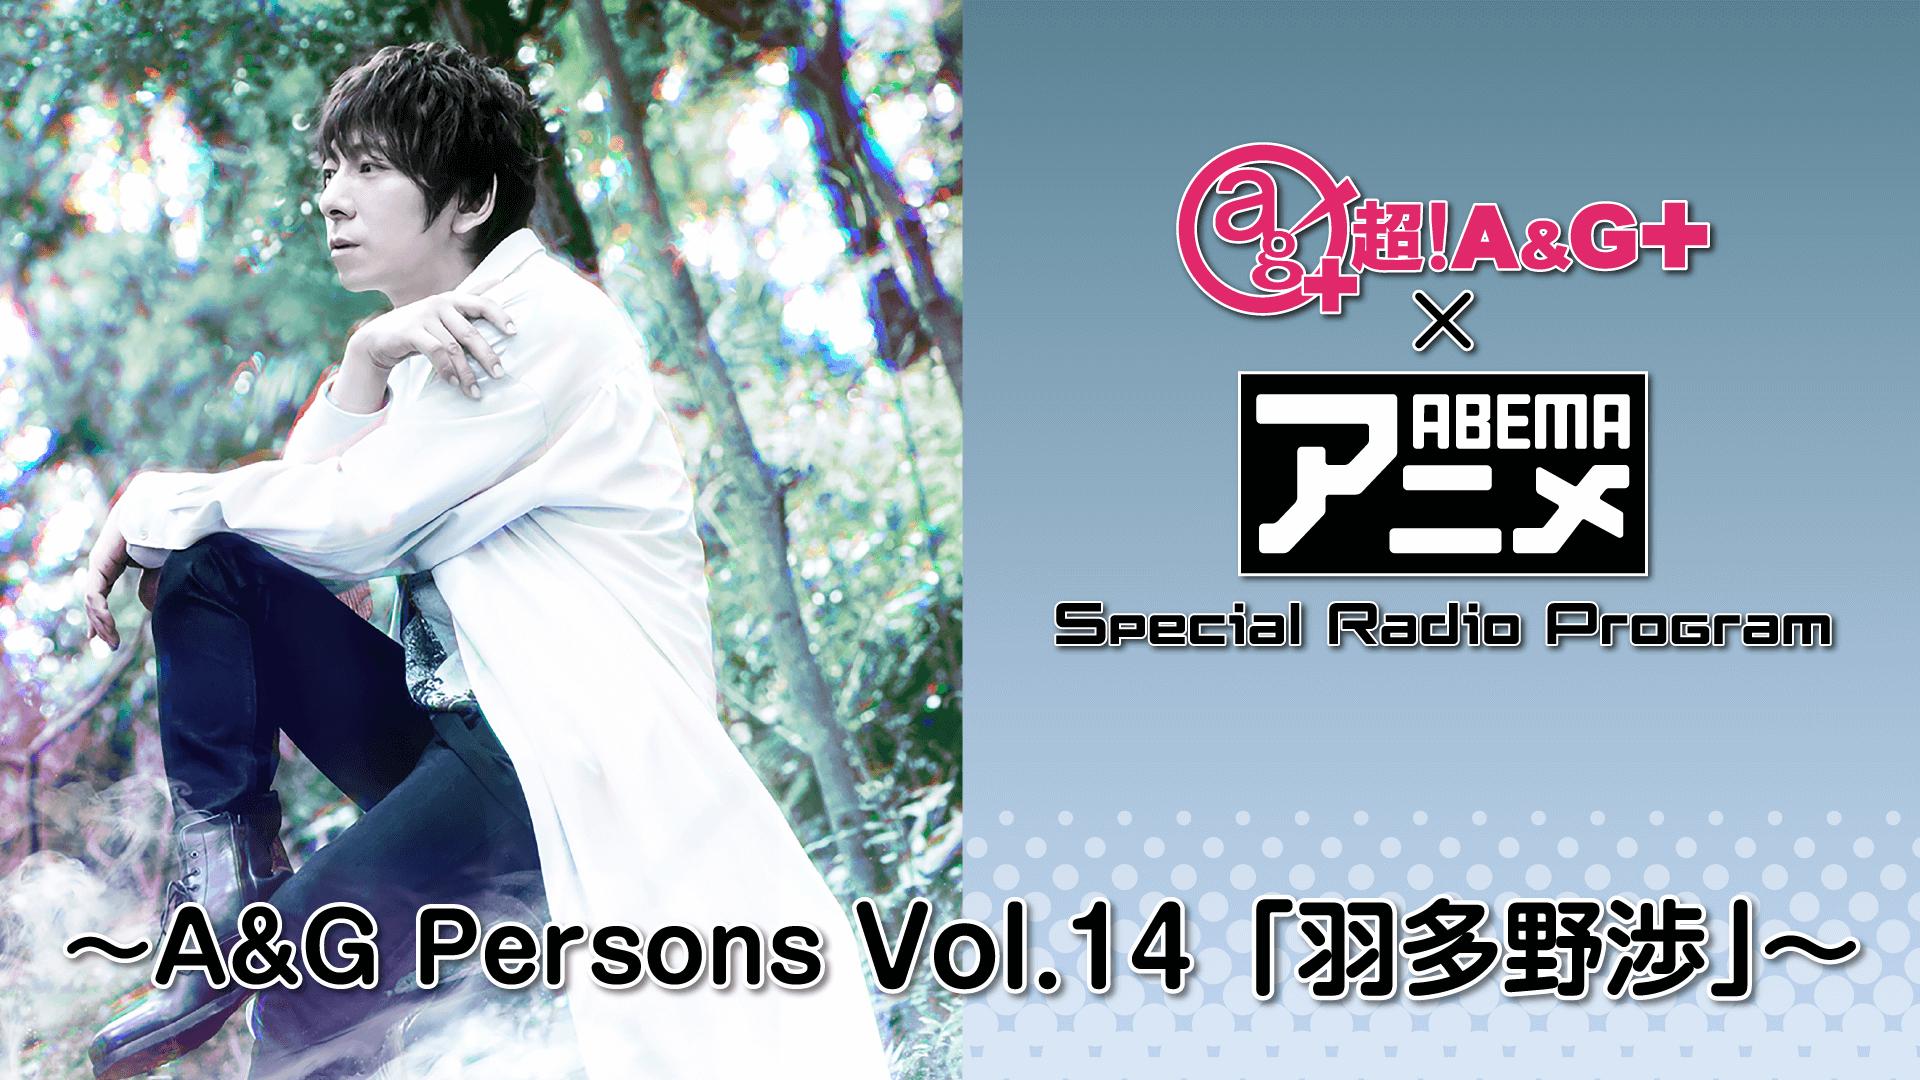 アーカイブが配信中!!!『超!A&G+ × ABEMAアニメ SRP~A&G Persons Vol.14「羽多野渉」~前編』